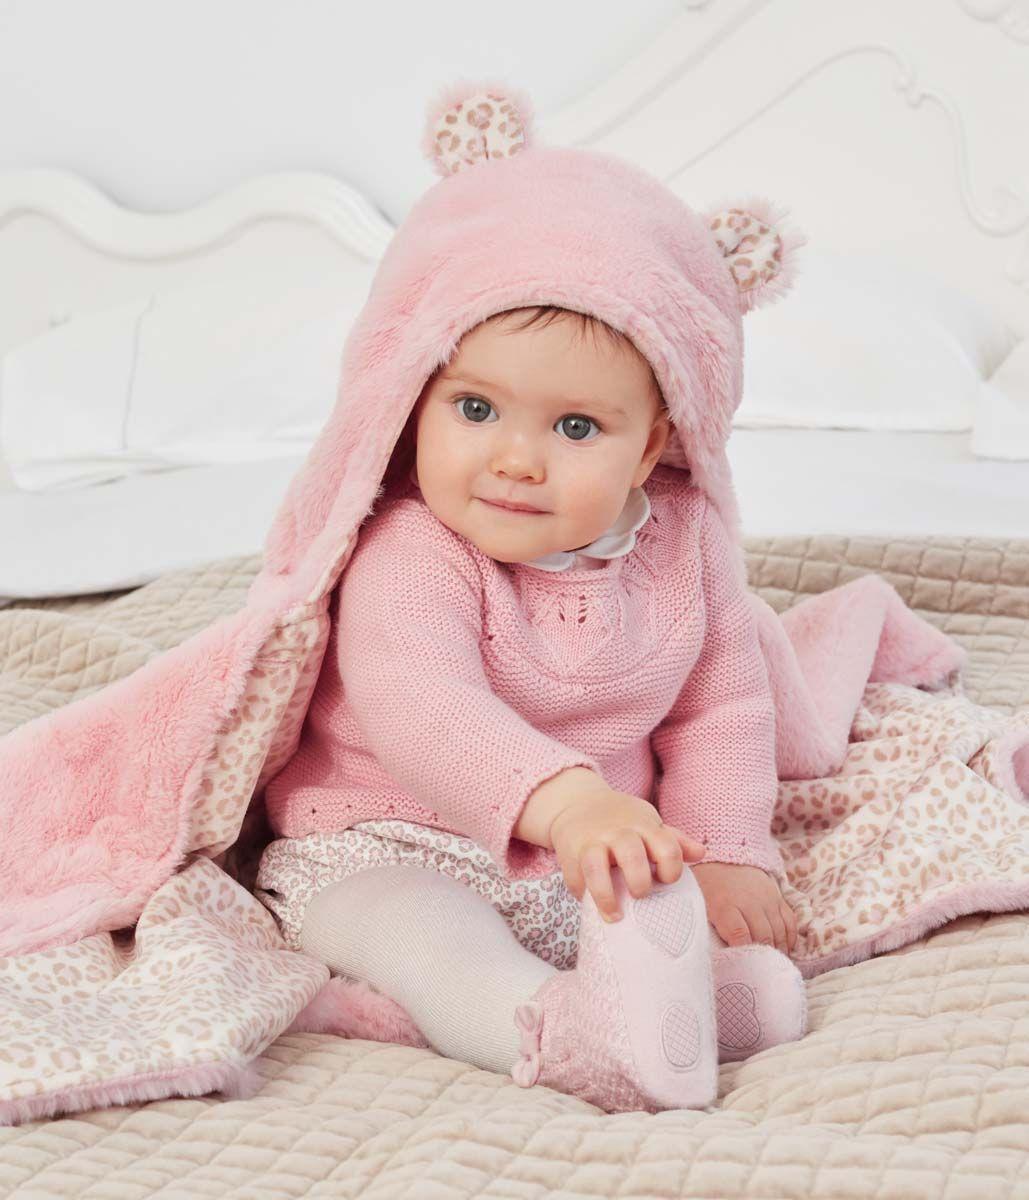 Colección Recién Nacido | Ropa de bebe | Pinterest | Recién nacidos ...